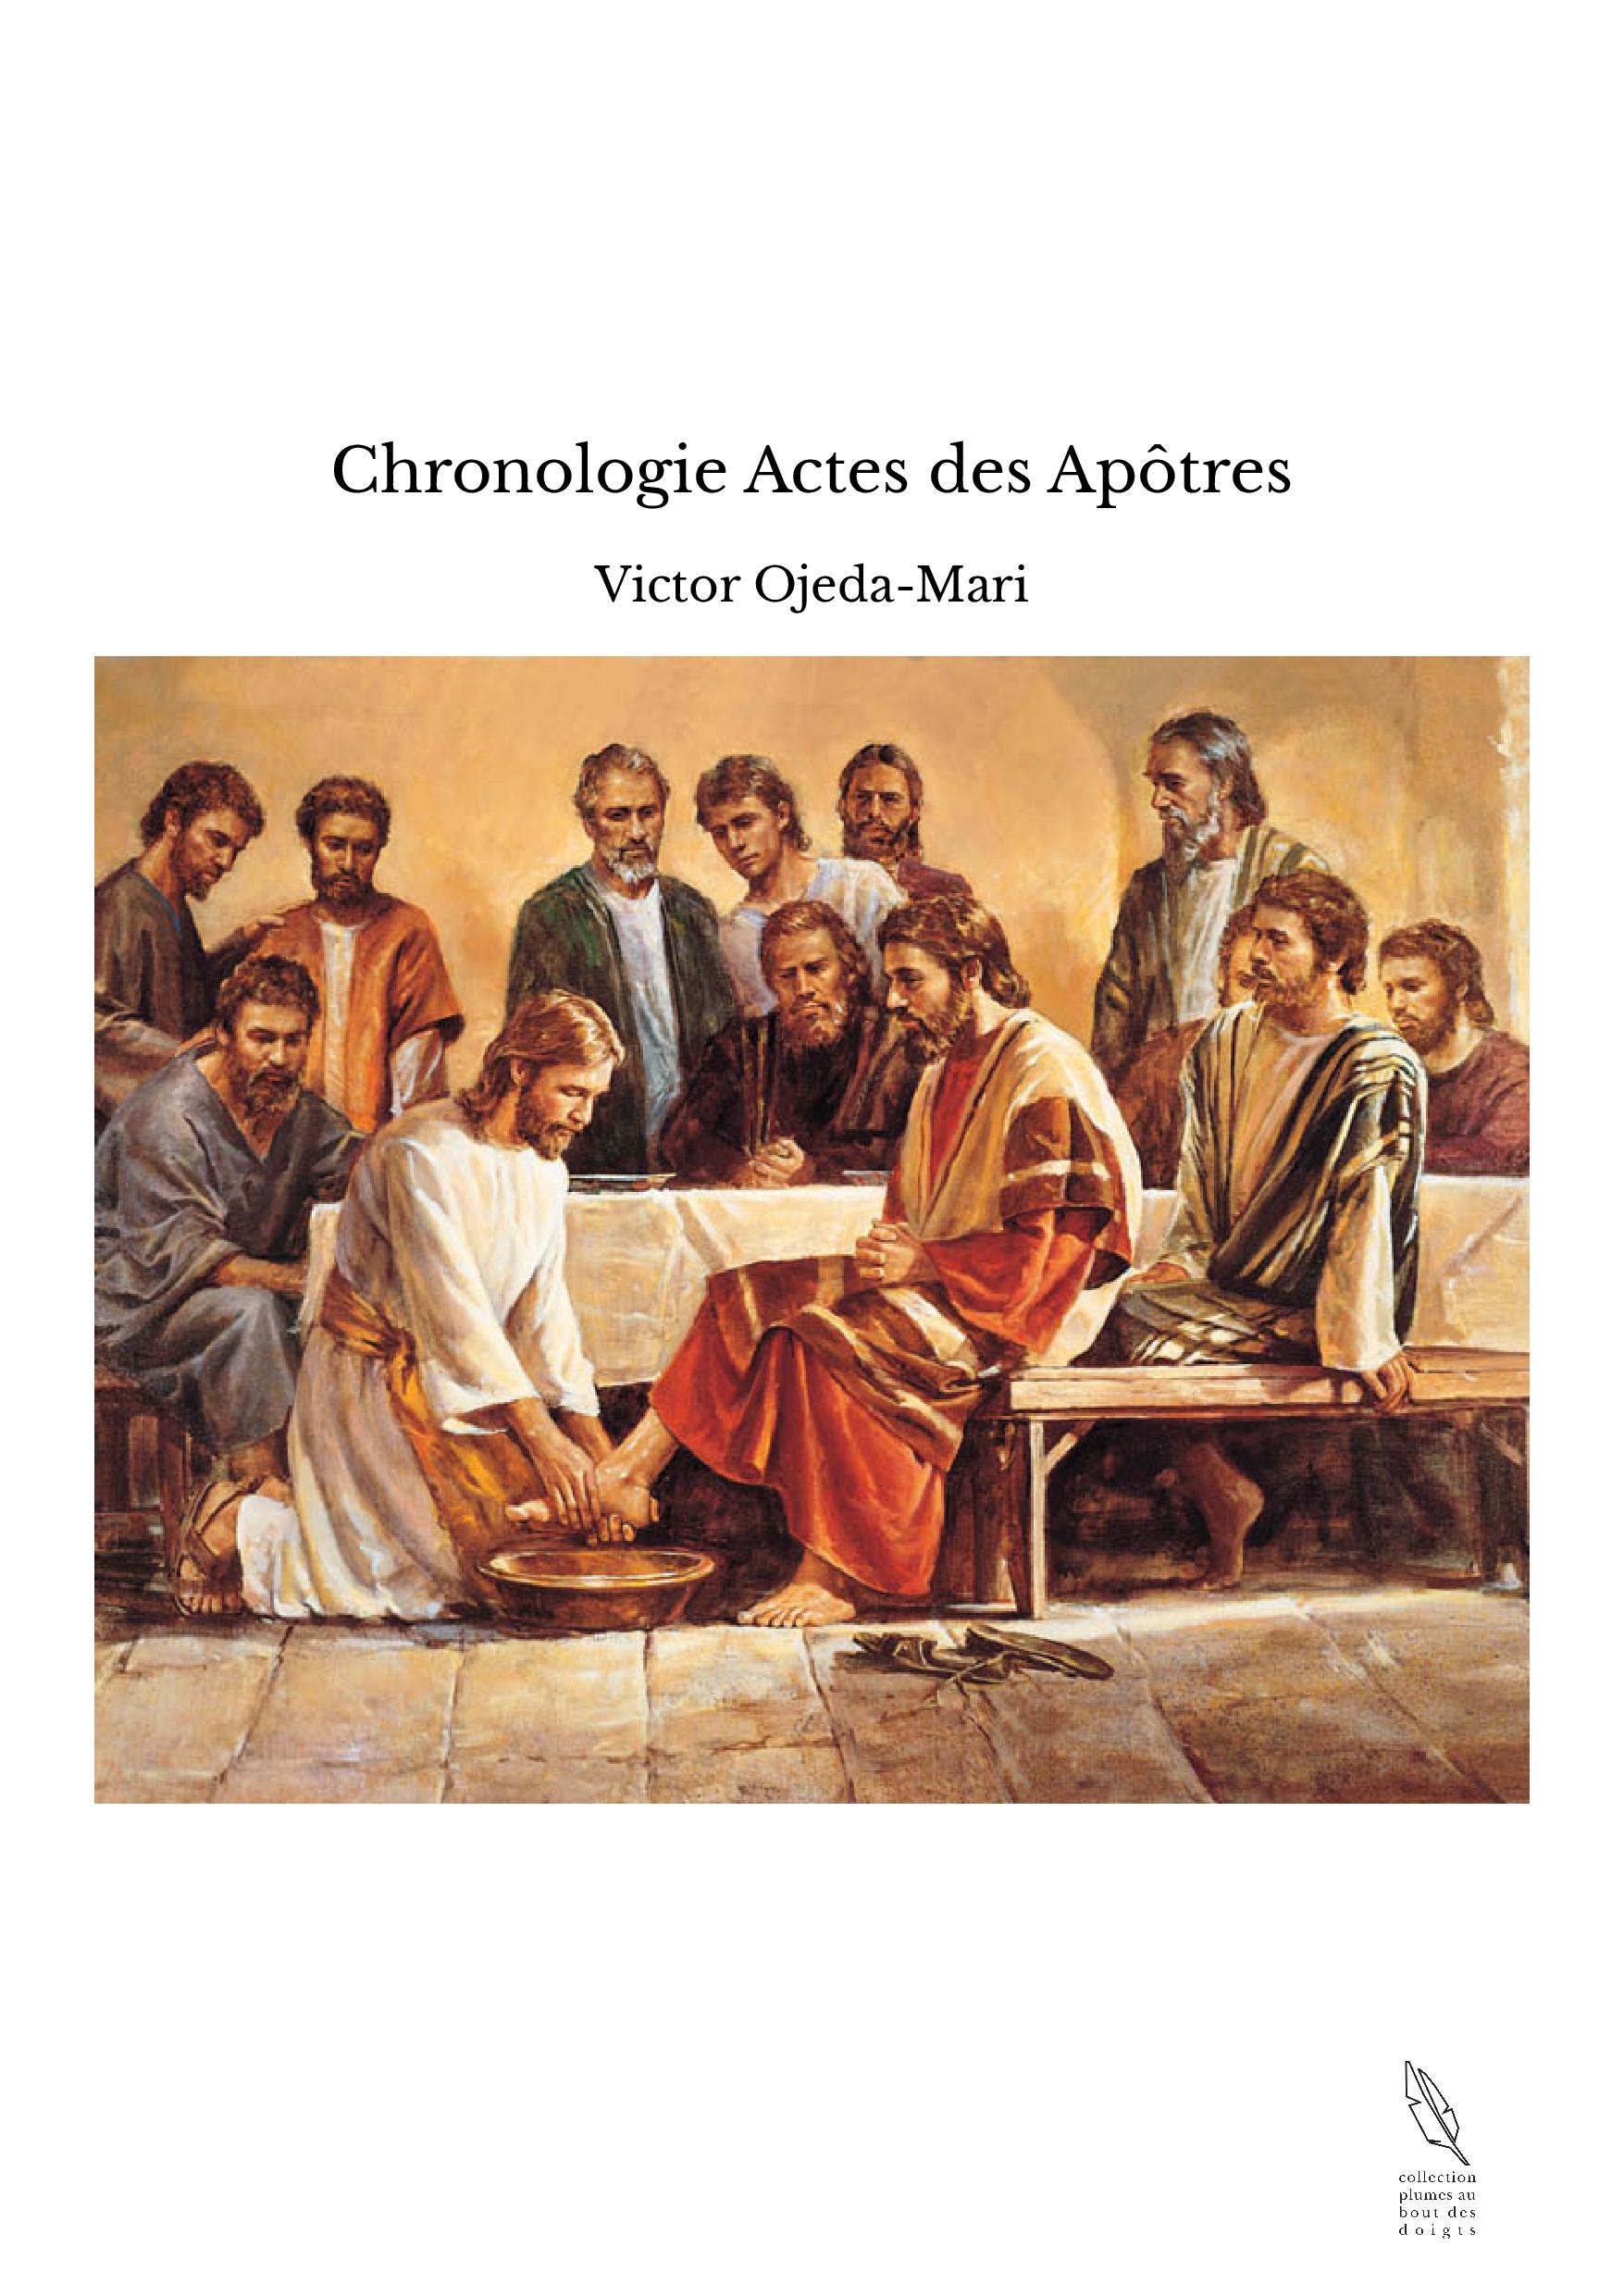 Chronologie Actes des Apôtres